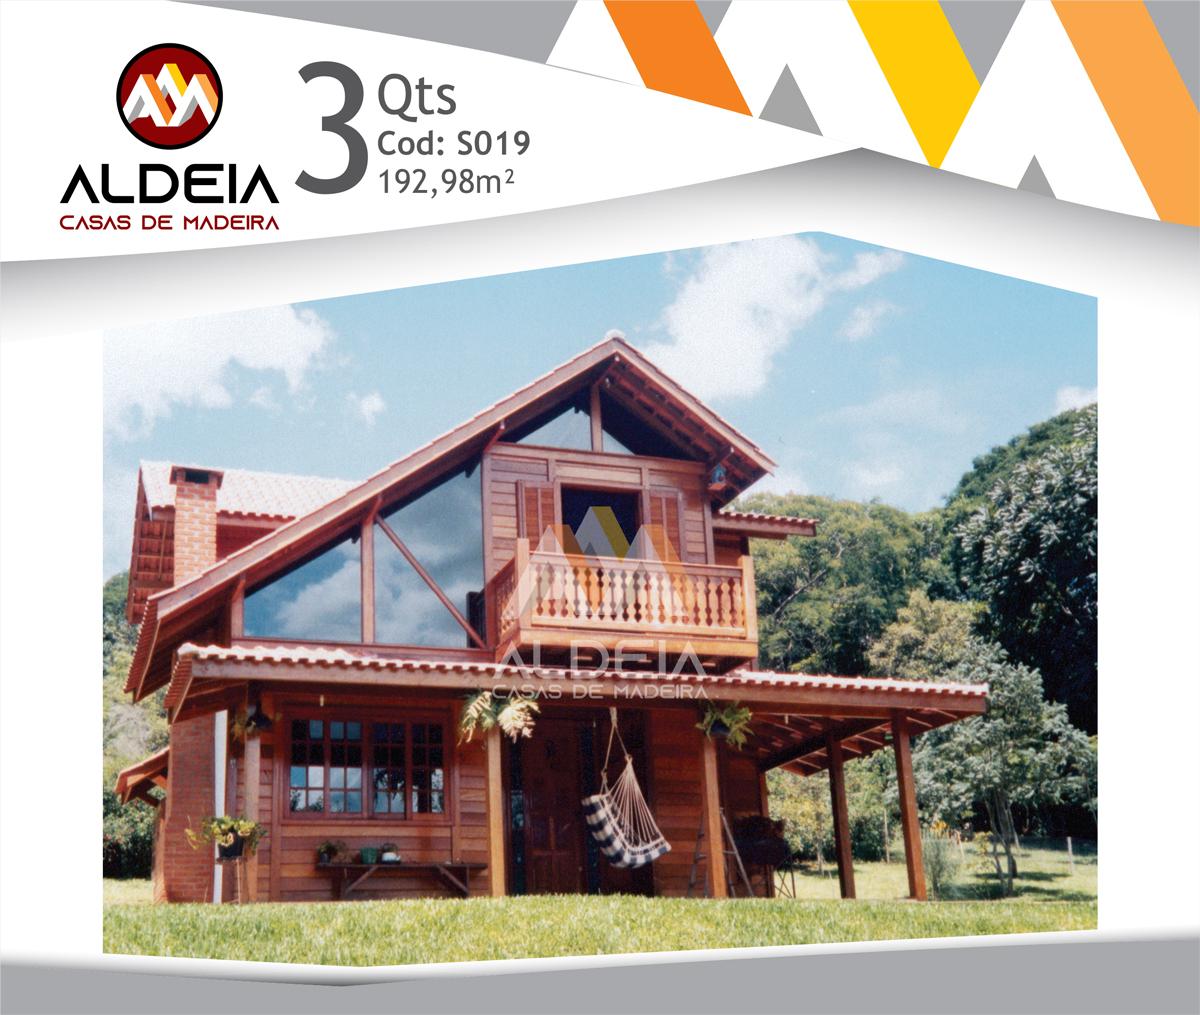 aldeia-casas-madeira-fachada-S019